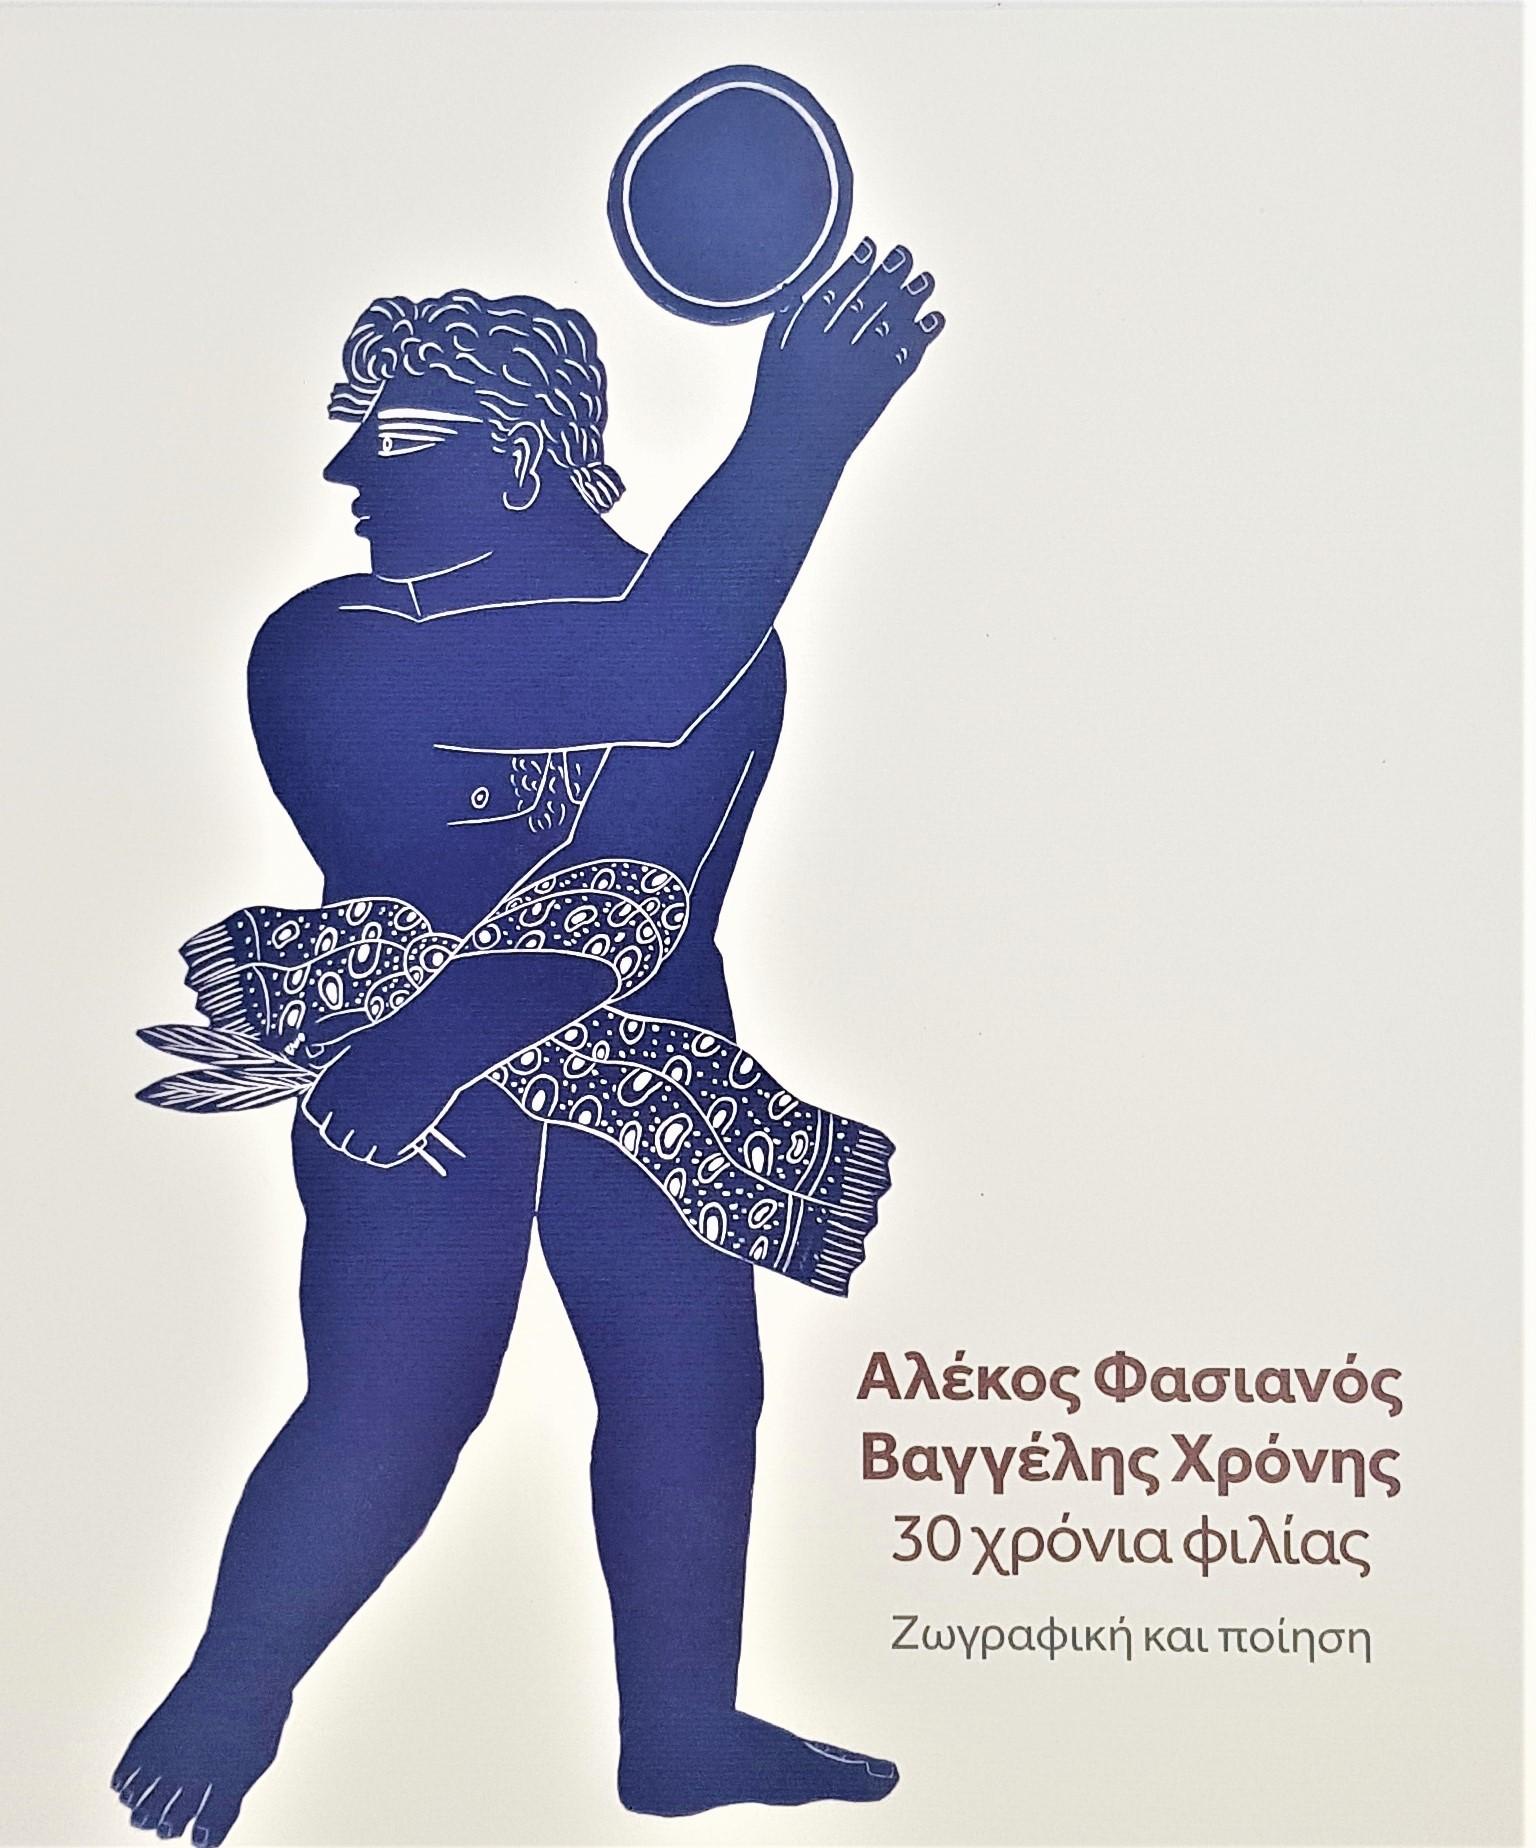 Αλέκος Φασιανός-Βαγγέλης Χρόνης   30 χρόνια φιλίας: Ζωγραφική και ποίηση